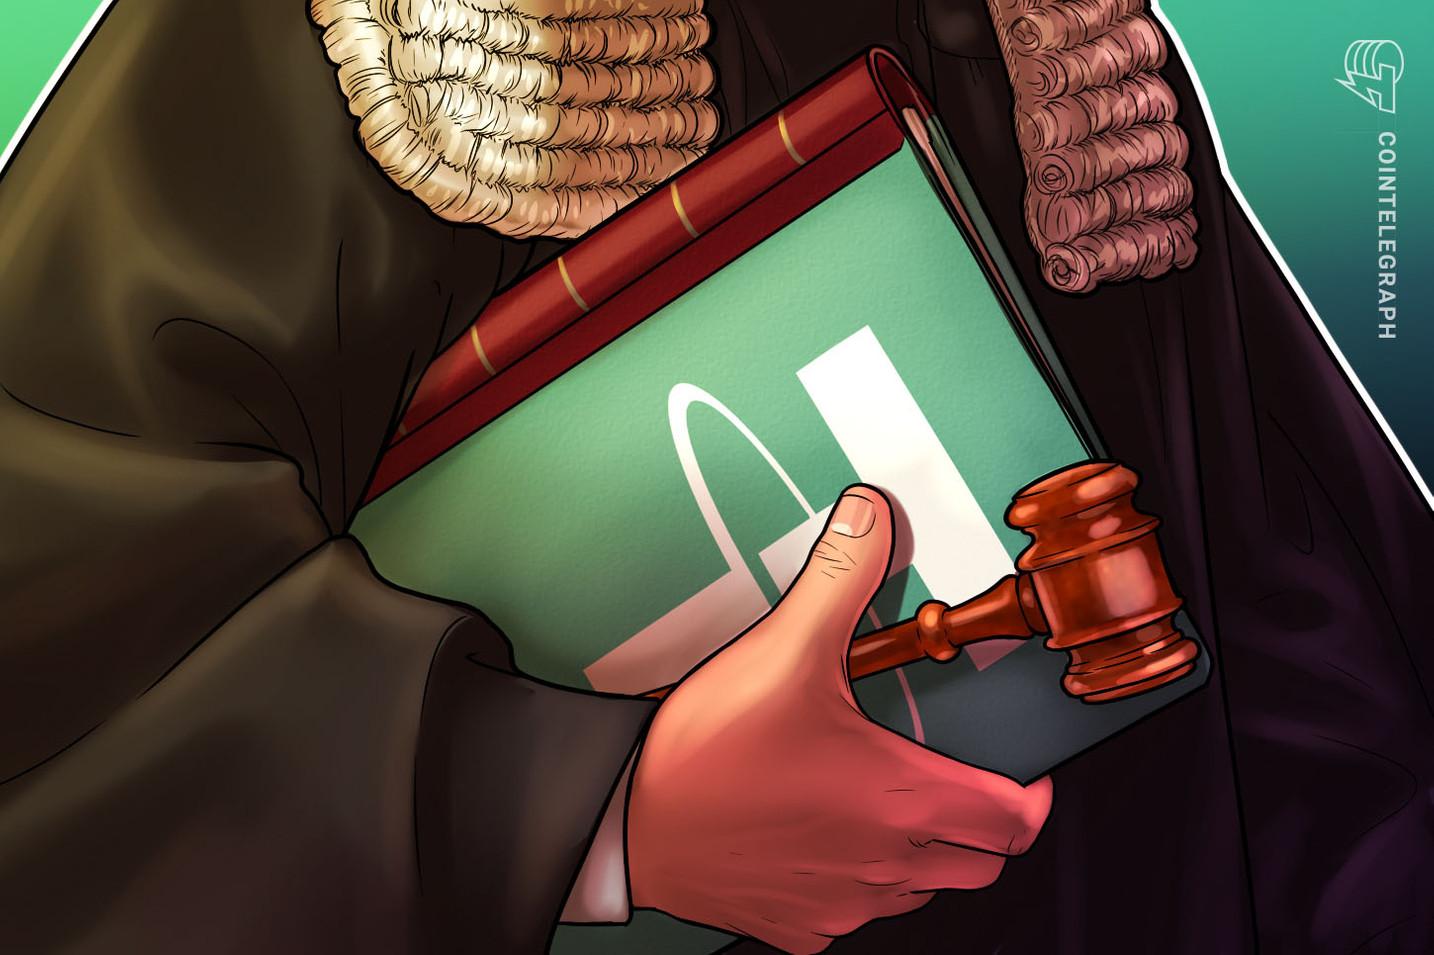 テザーとビットフィネックス、仮想通貨の価格操作で訴訟を警戒 「インチキ論文」のせい